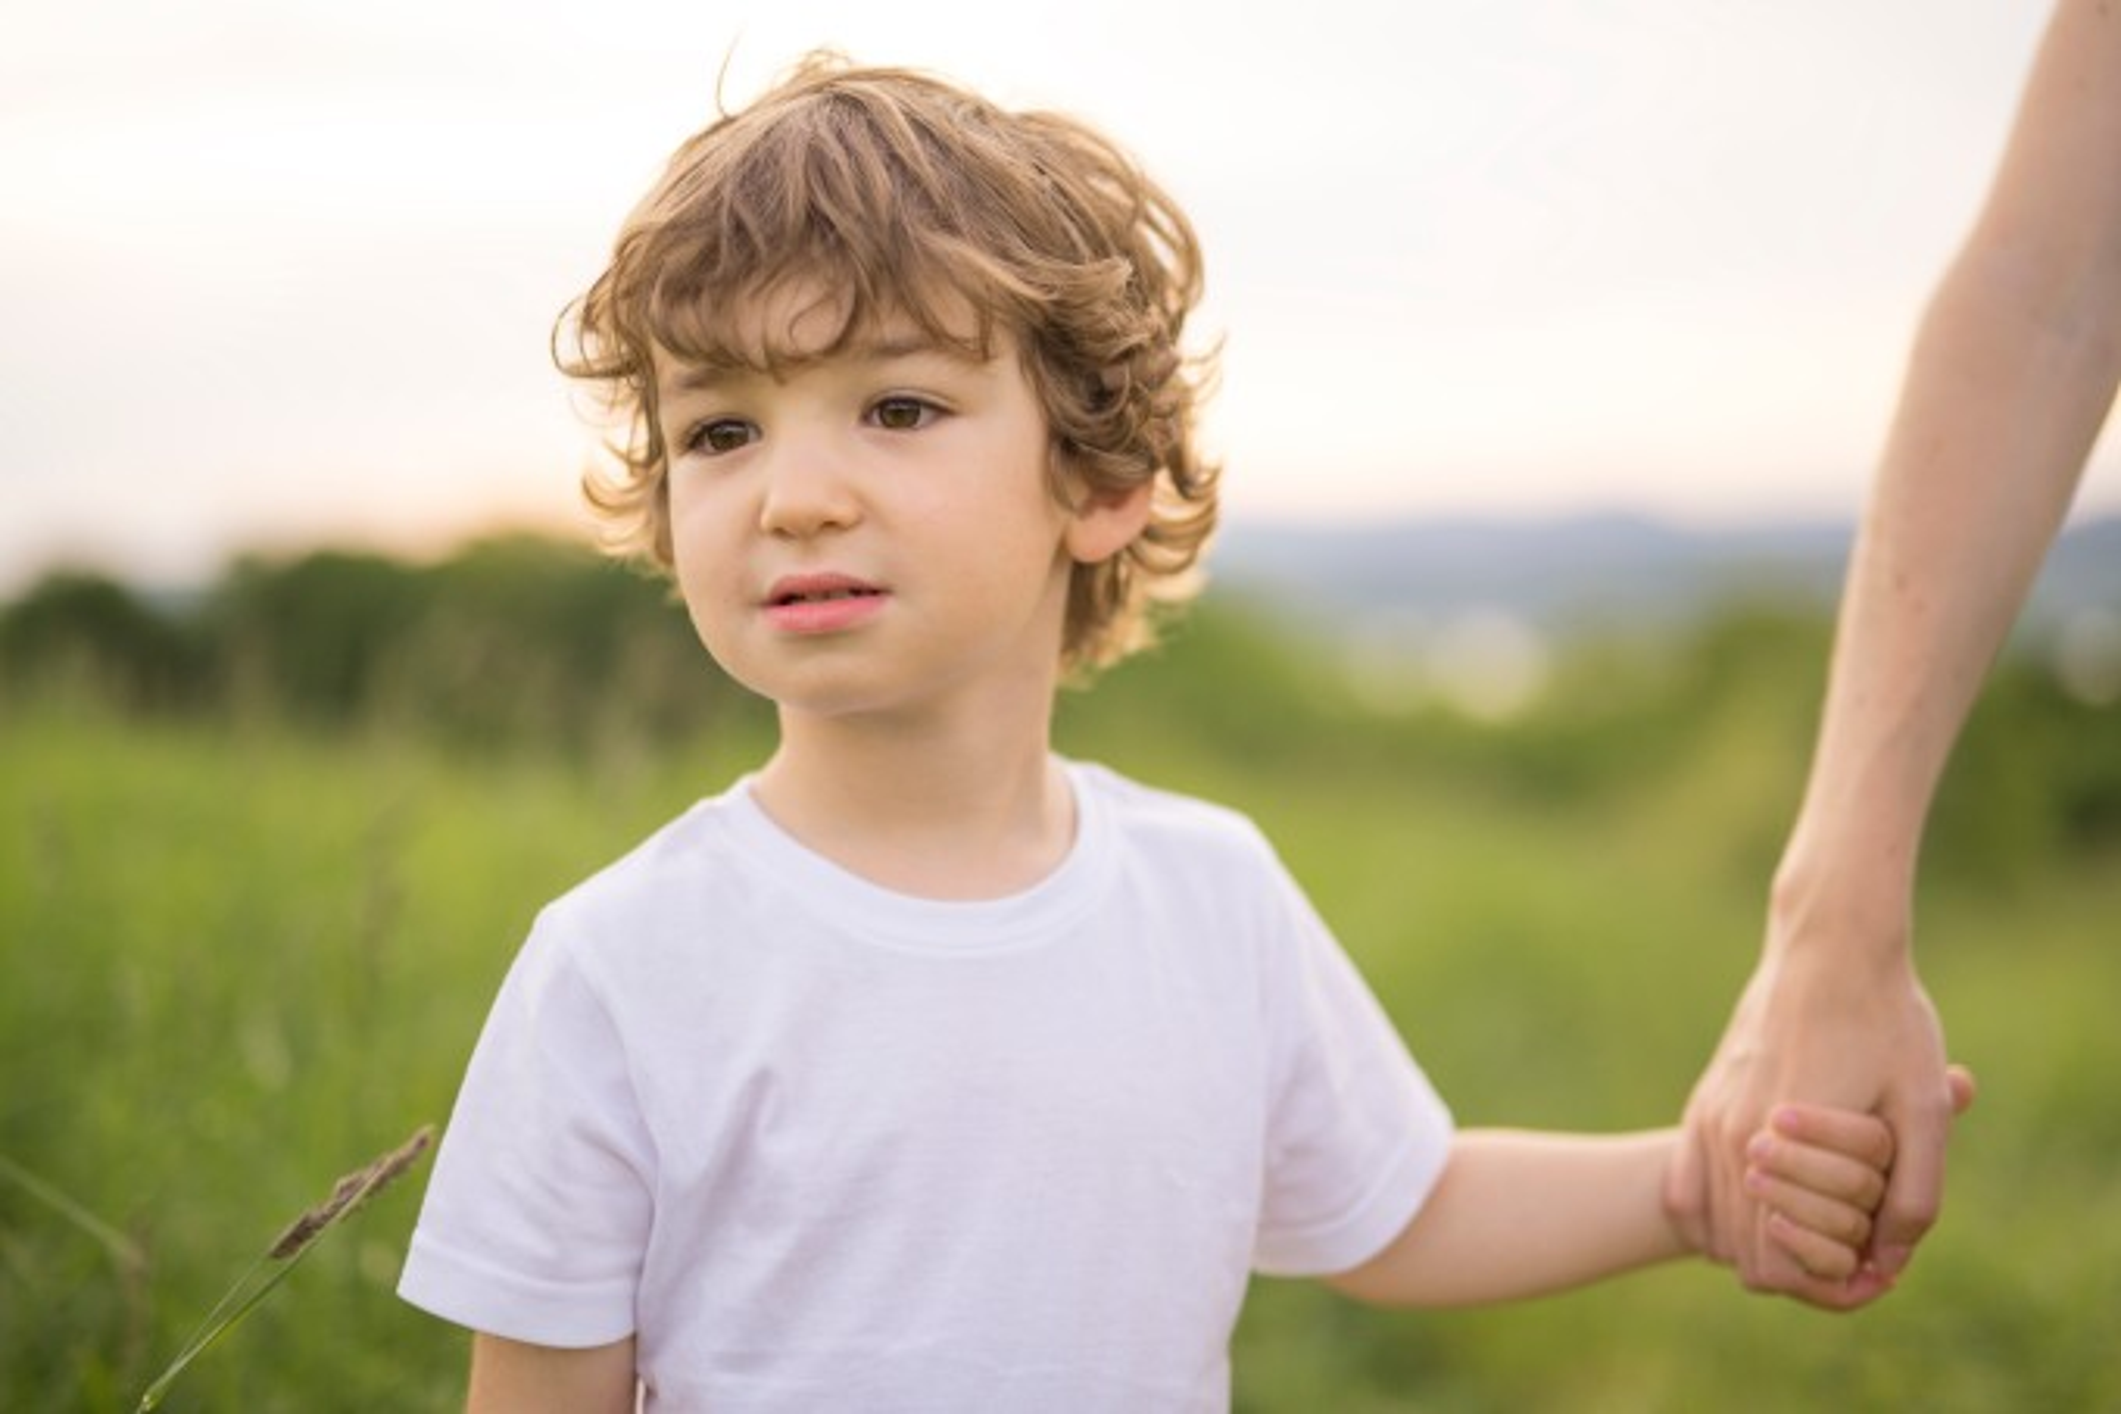 Criança com olhar evasivo